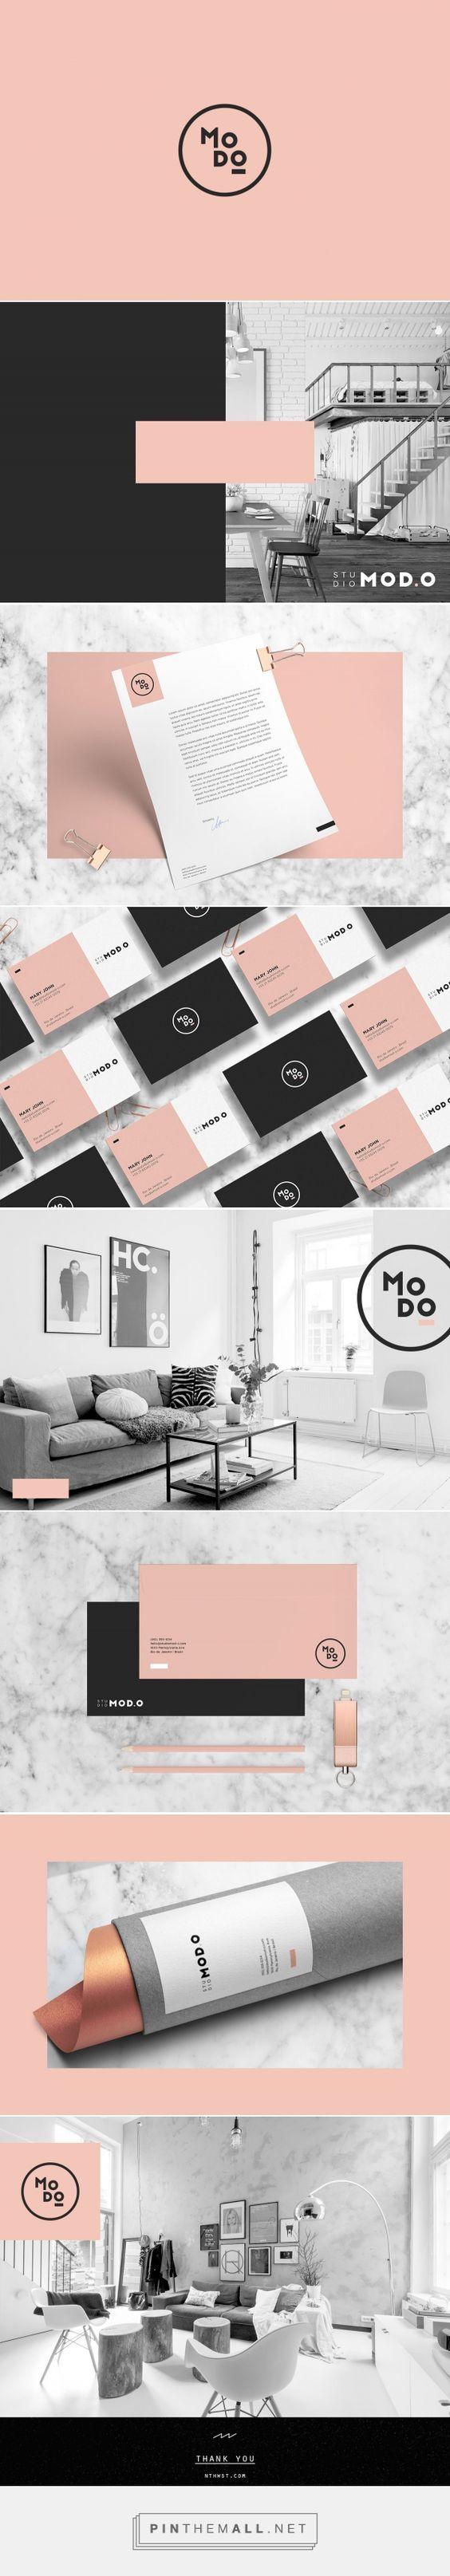 5.Outra inspiração de logo minimalista, que traz duas formas bem modernas de disposição do nome da empresa. Duas cores marcantes na paleta e muita elegância e modernidade! #IdentidadeVisual #Logo #Propaganda #Branding #Creative #TudoMarketing #TudoMkt